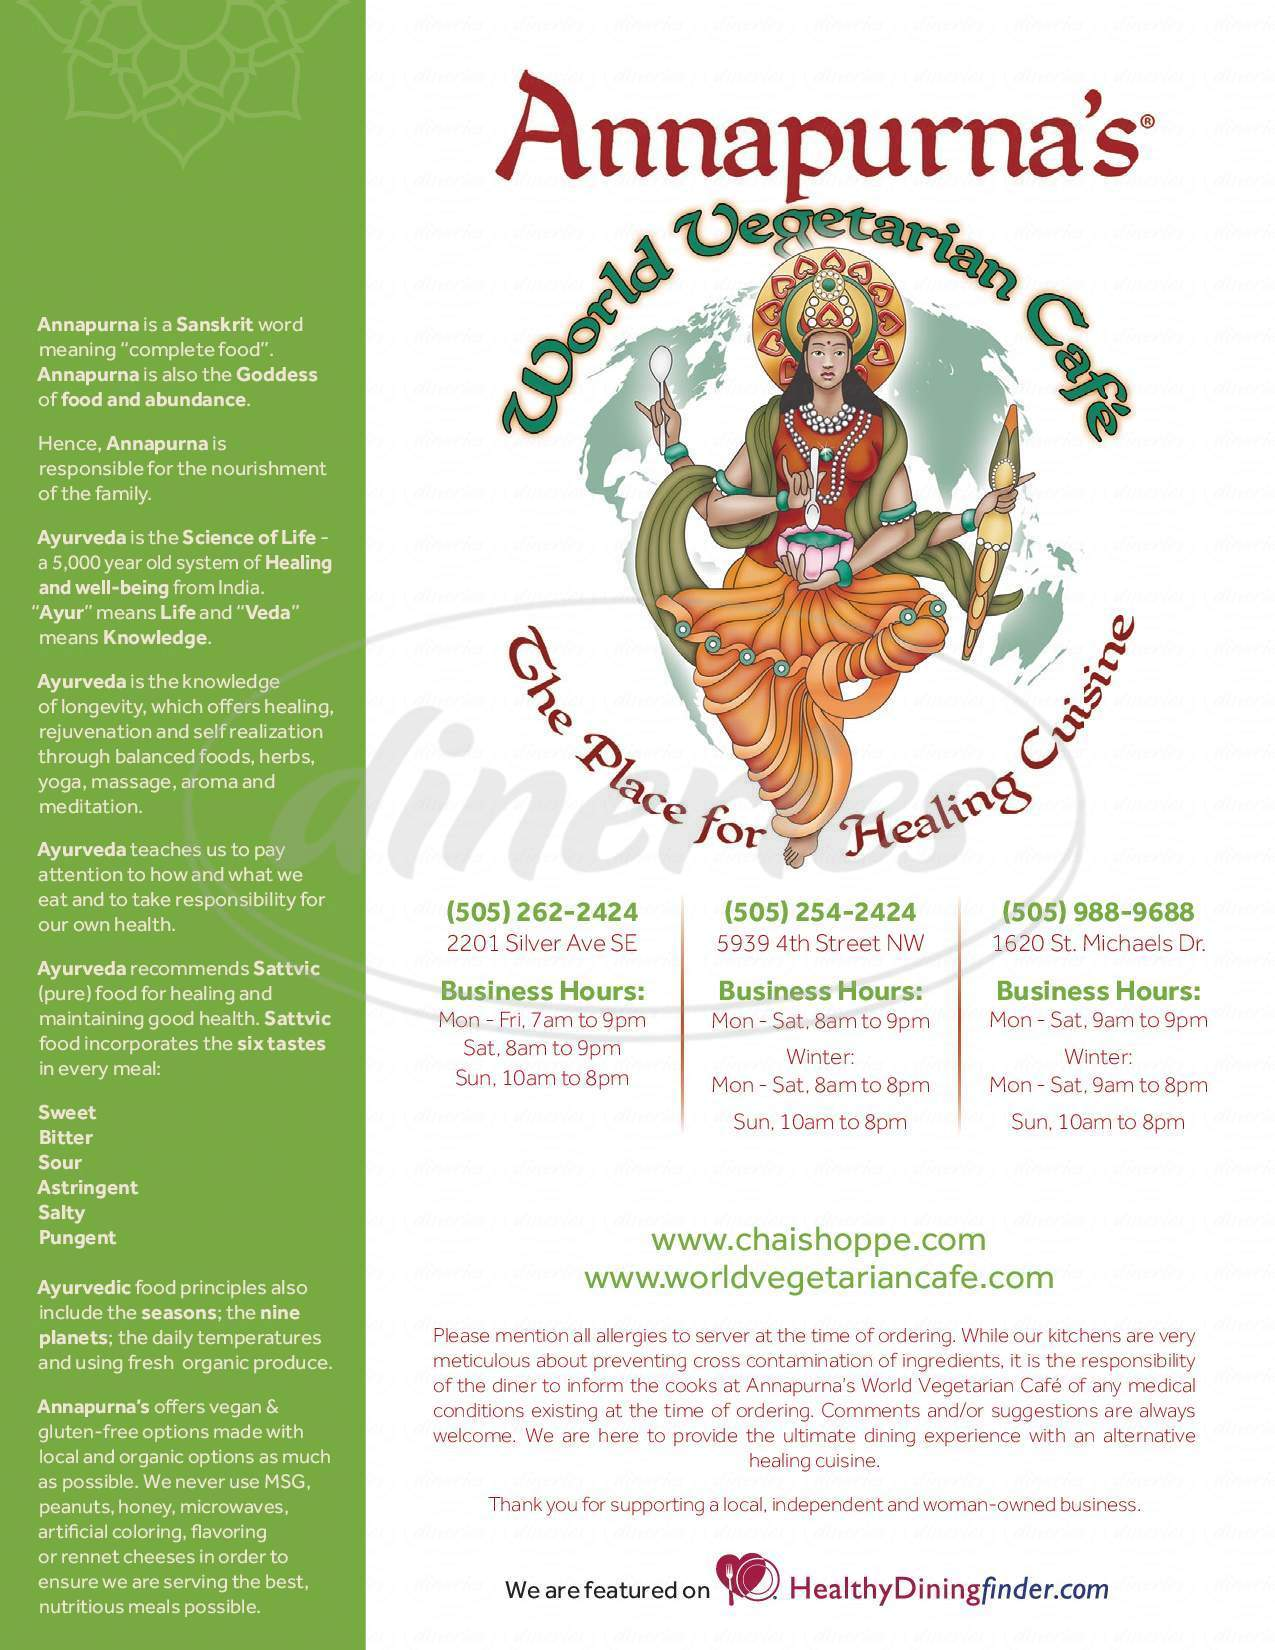 menu for Annapurna's World Vegetarian Cafe